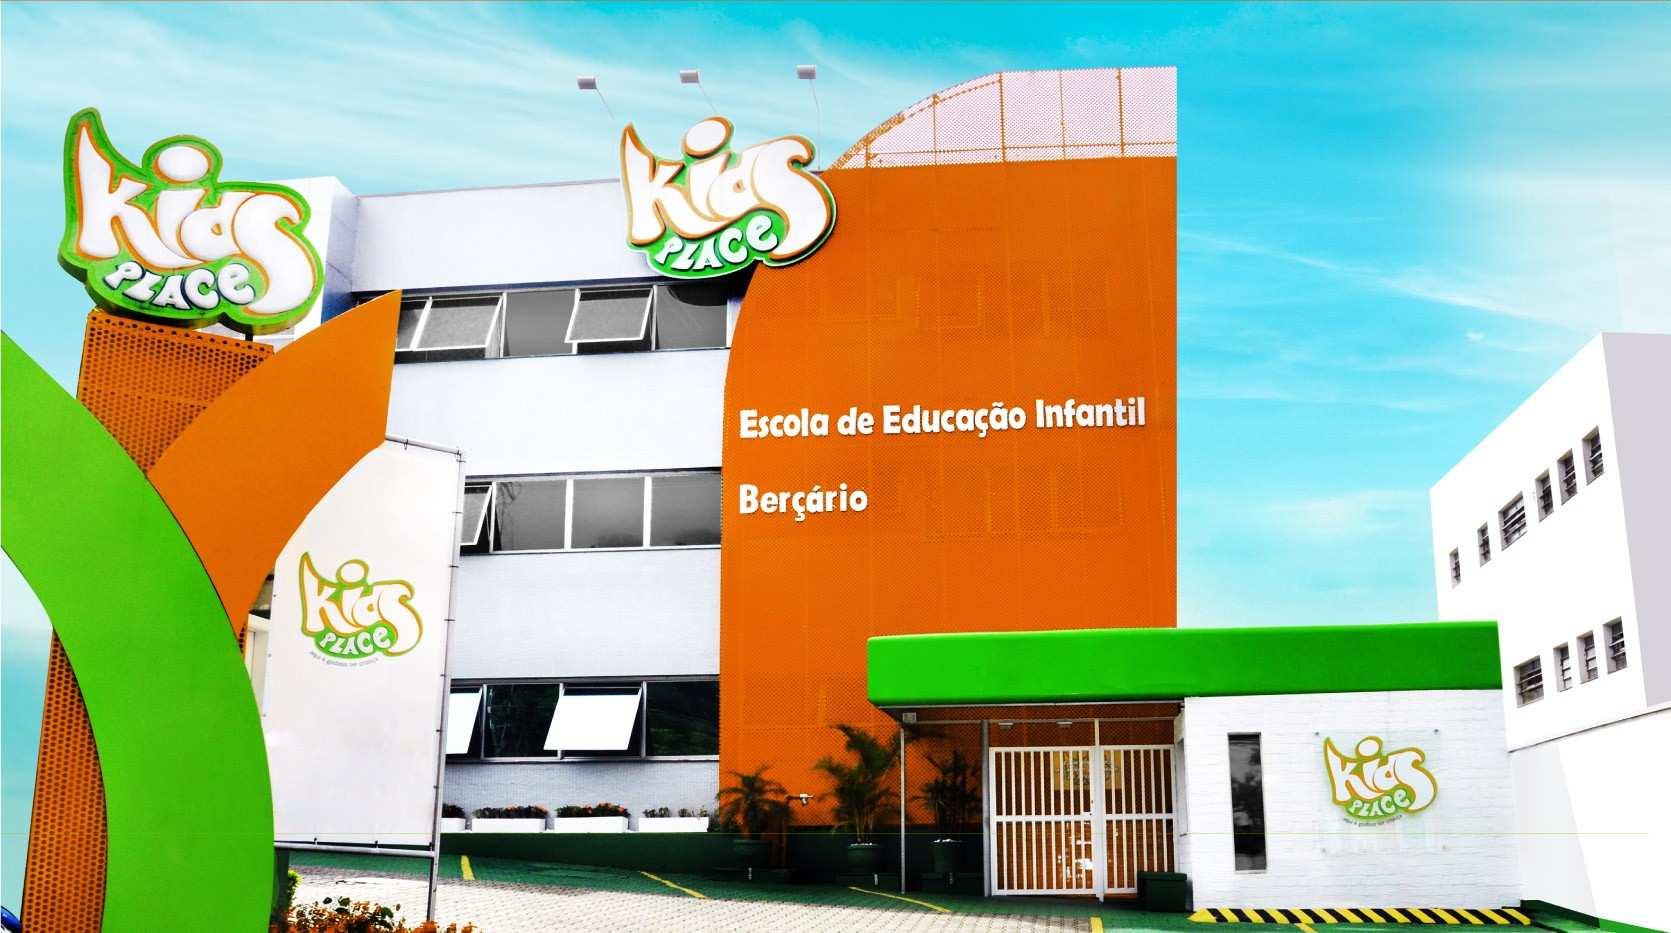 Escola Kids Place de educação infantil em Alphaville